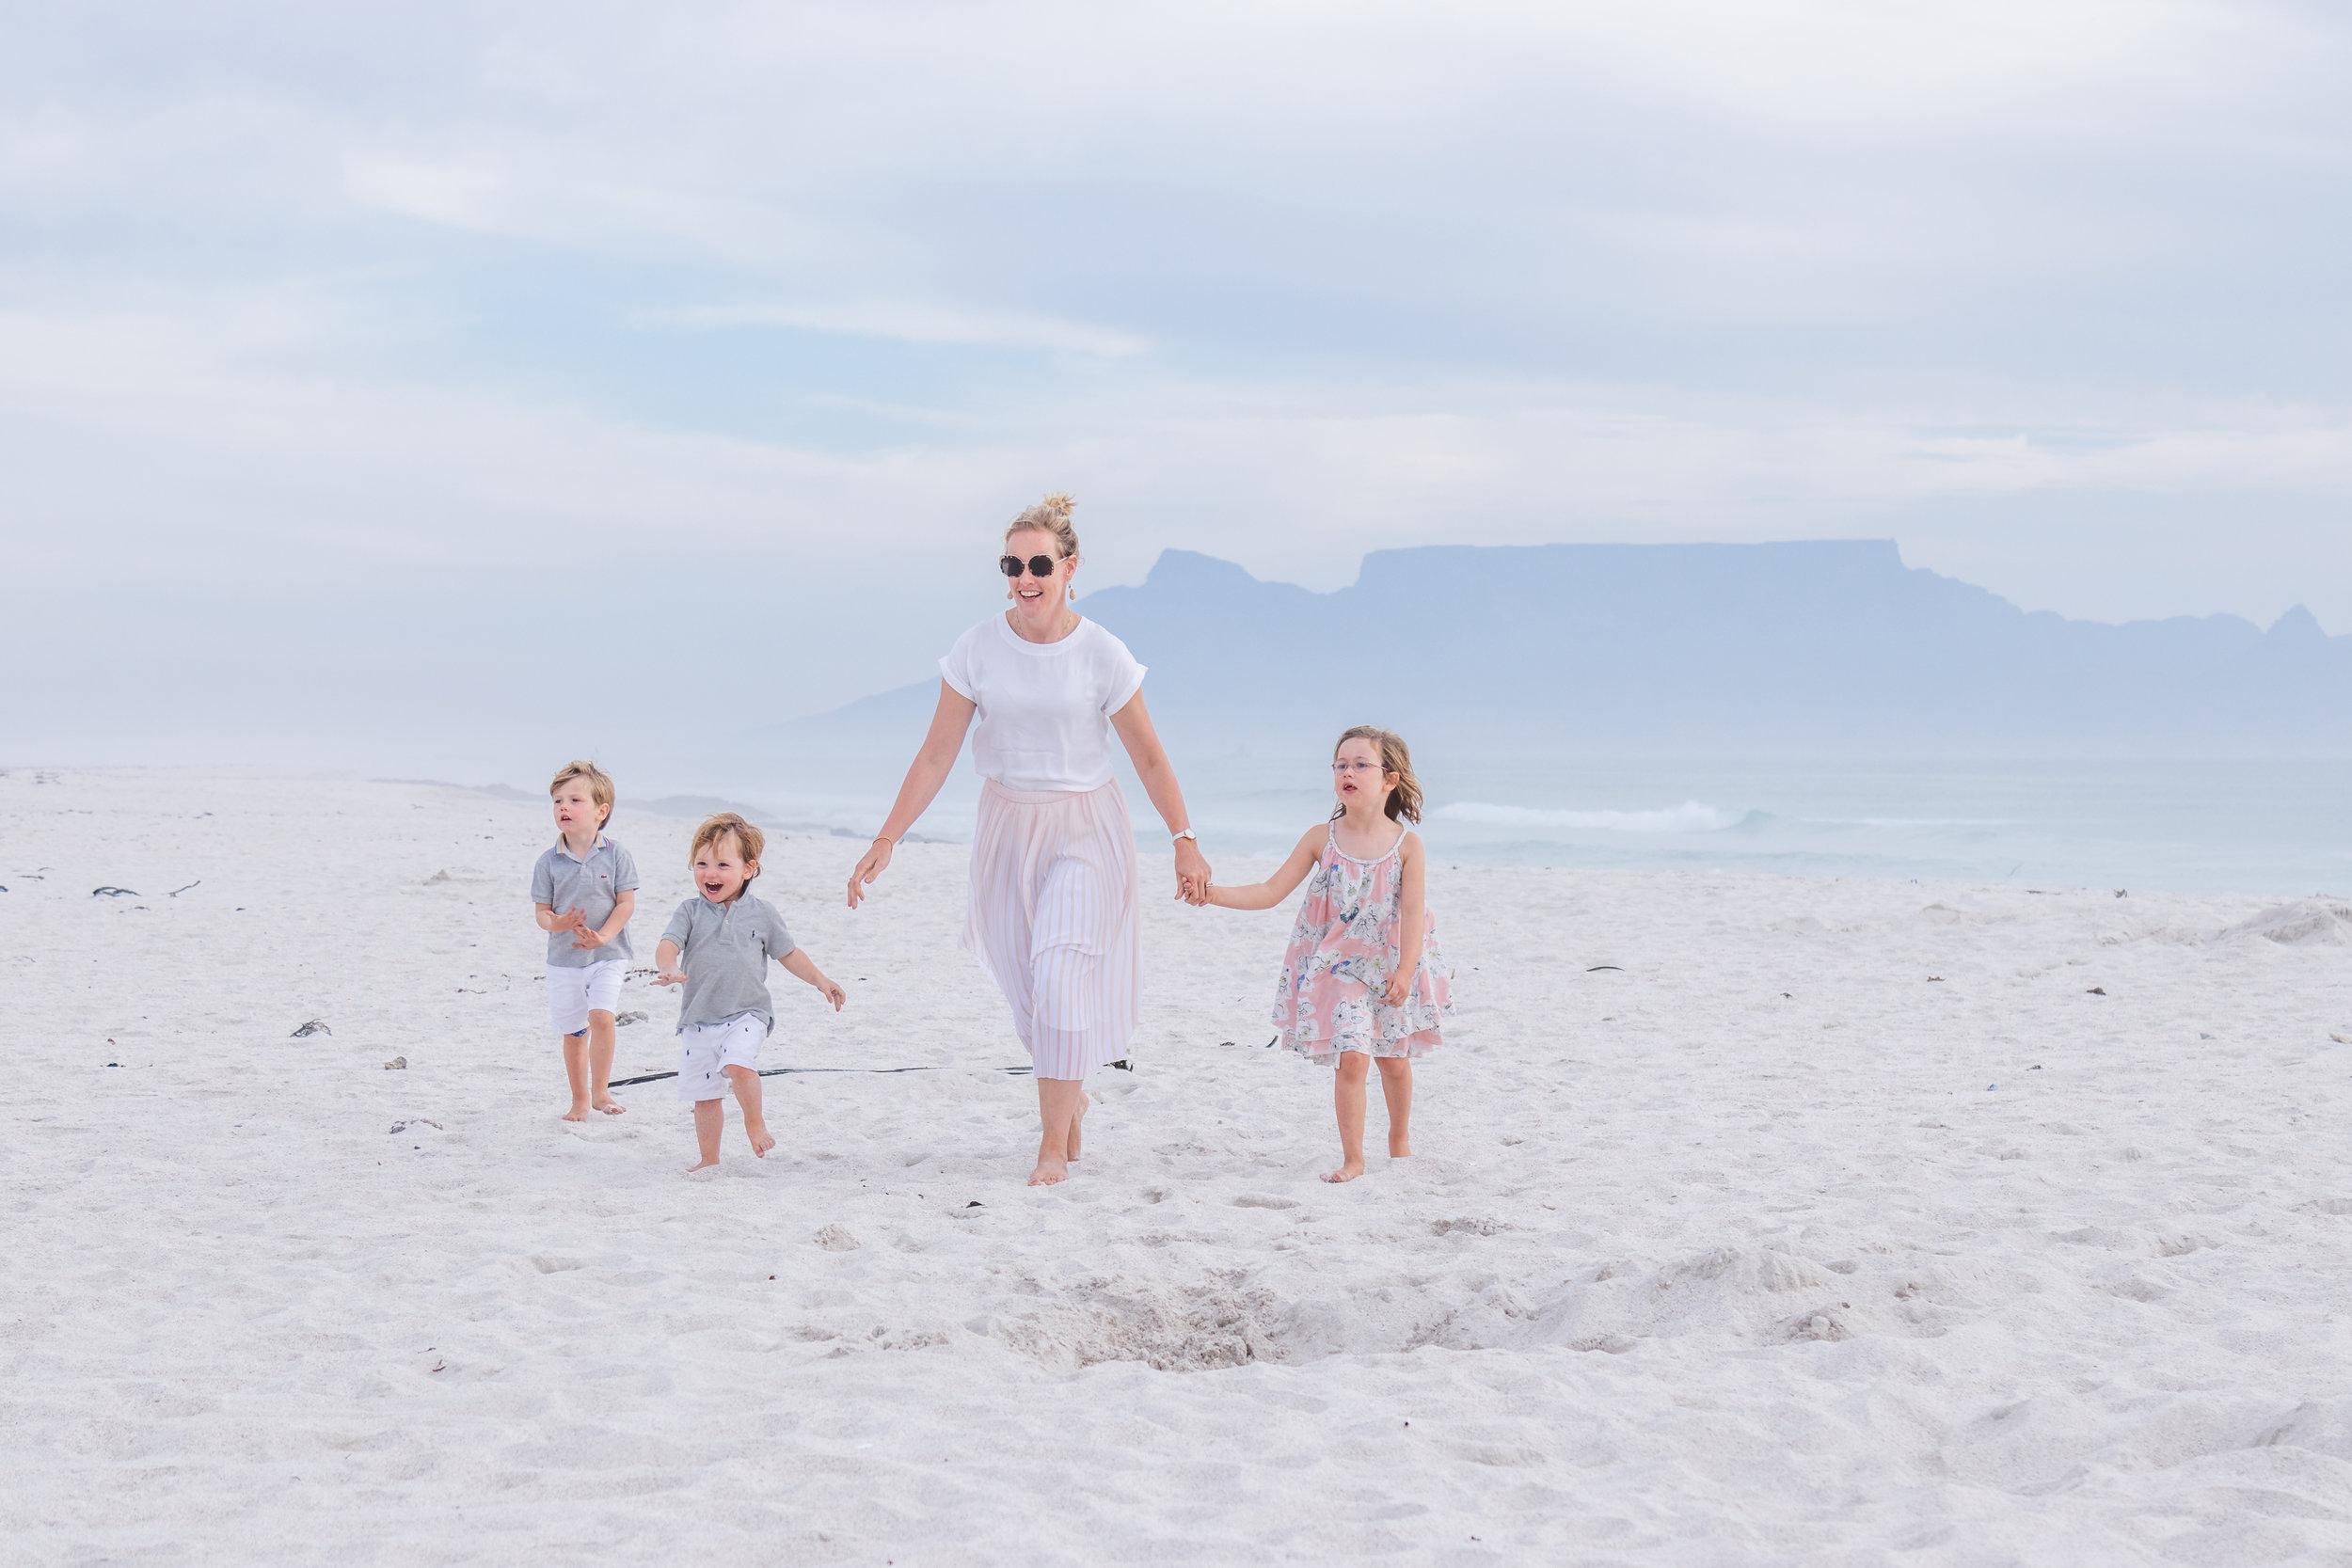 Ken Treloar Photography - Monteban Family Photos - Cape Town 2018 (high-res)-3.jpg